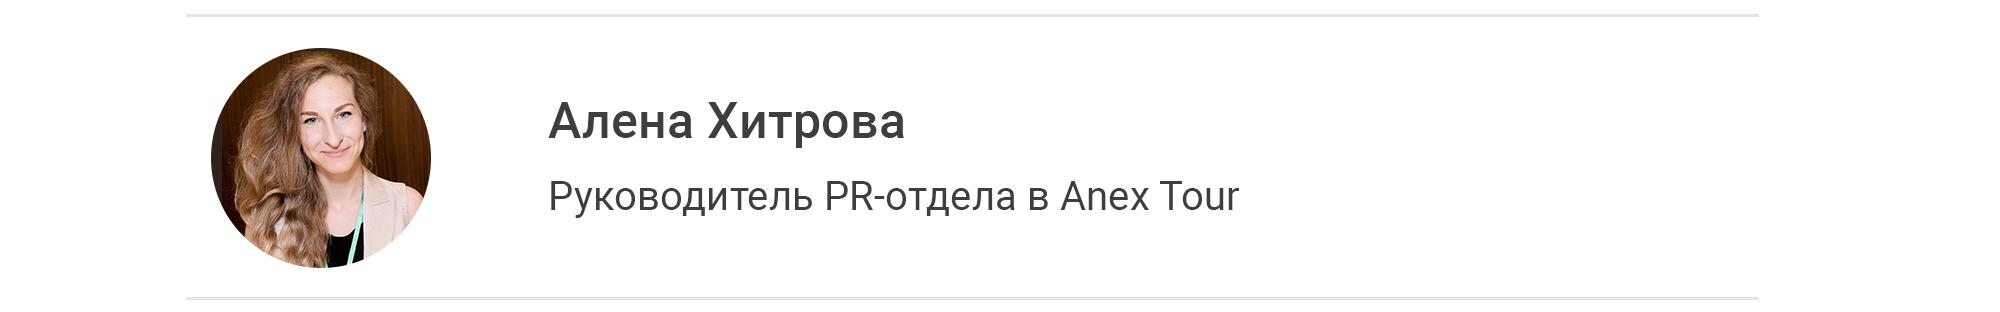 Алена Хитрова.png